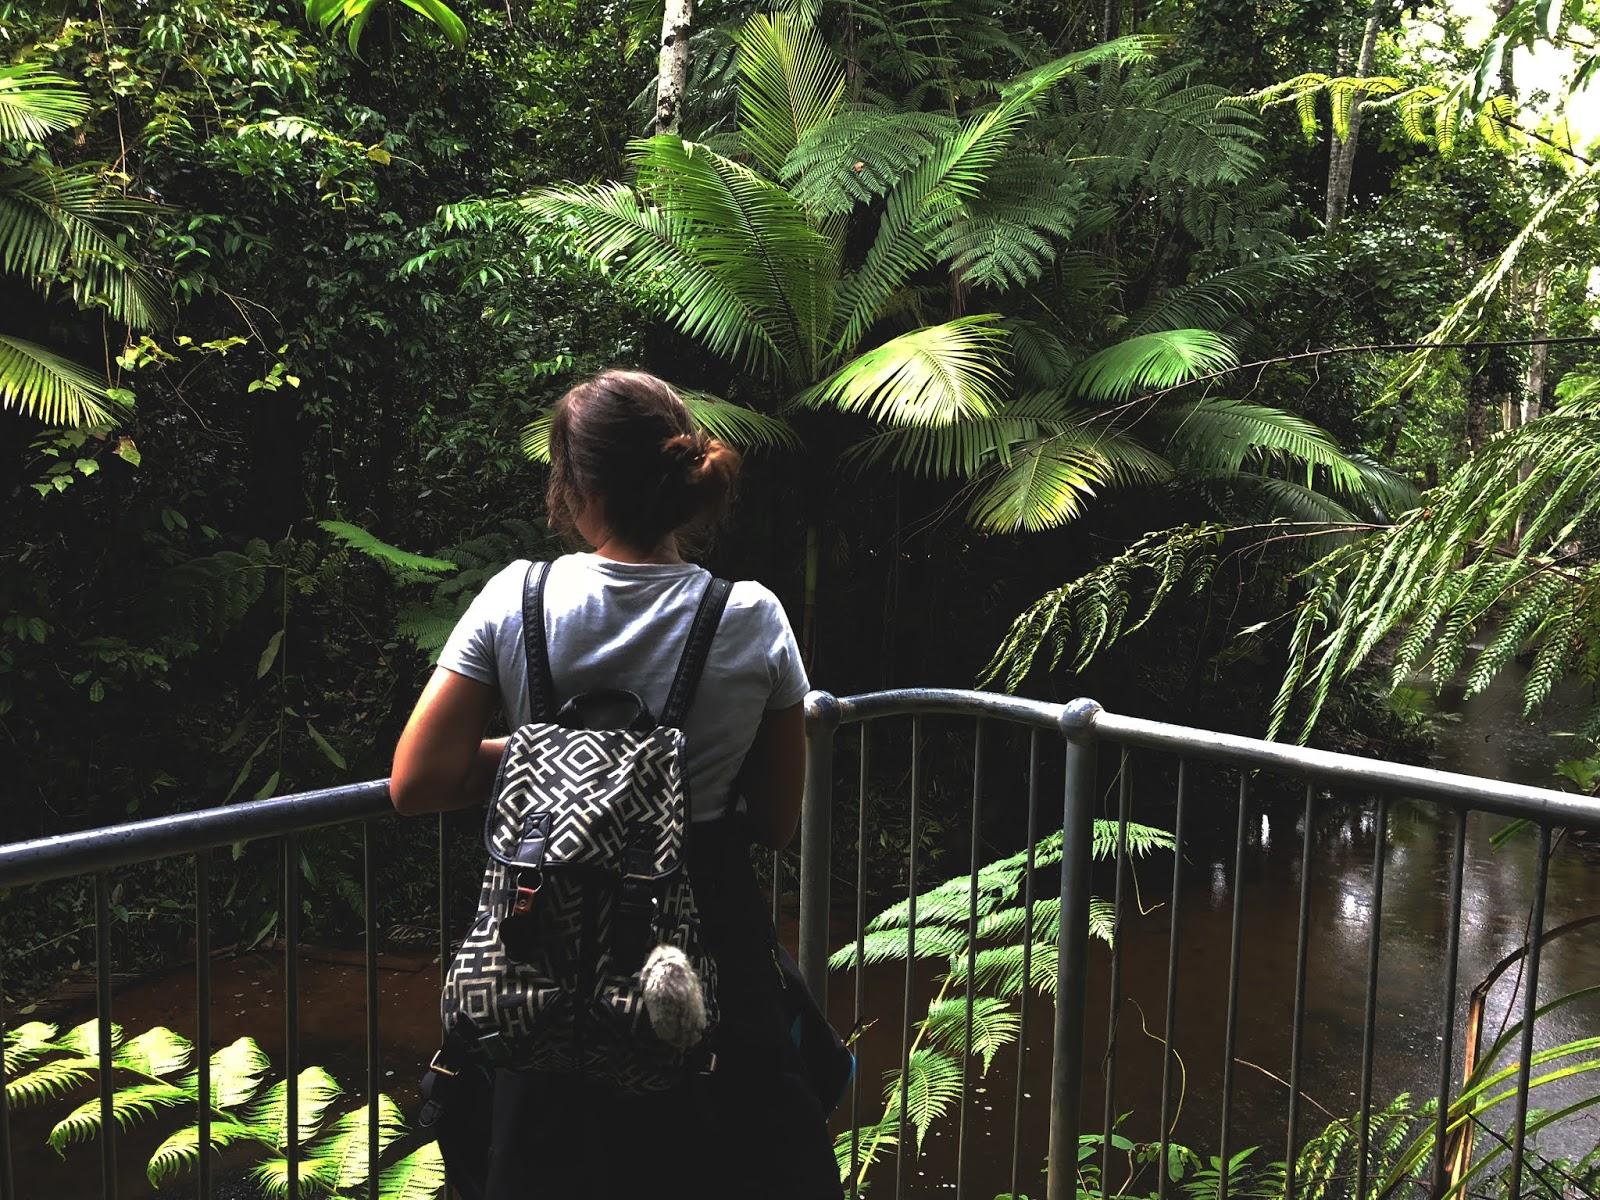 Punkt widokowy w środku dżungli w australijskim miasteczku Mission Beach. Podróżniczka stoi tyłem, a przed nią rozpościera się australijski las deszczowy.